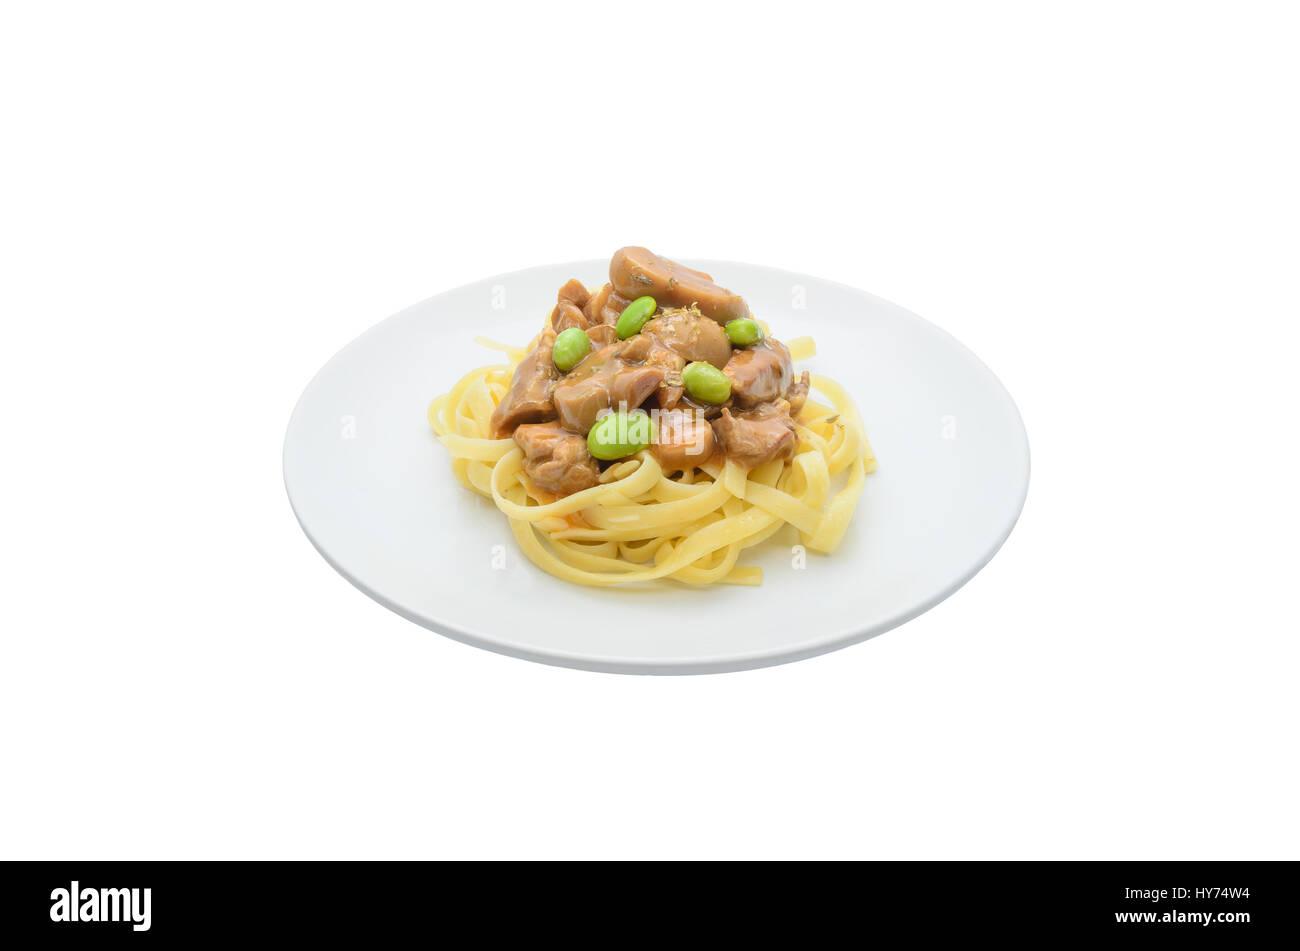 Pasta on white dish isolated on white - Stock Image